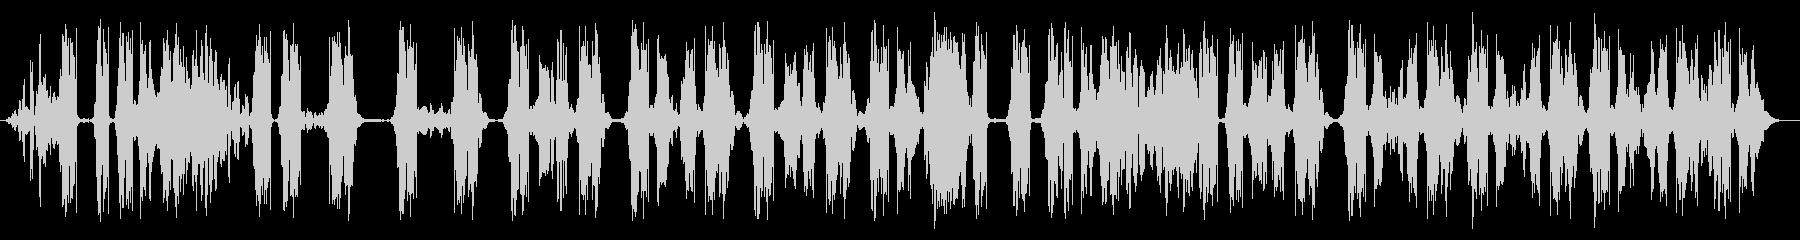 ワッキーテープスクラビング3の未再生の波形